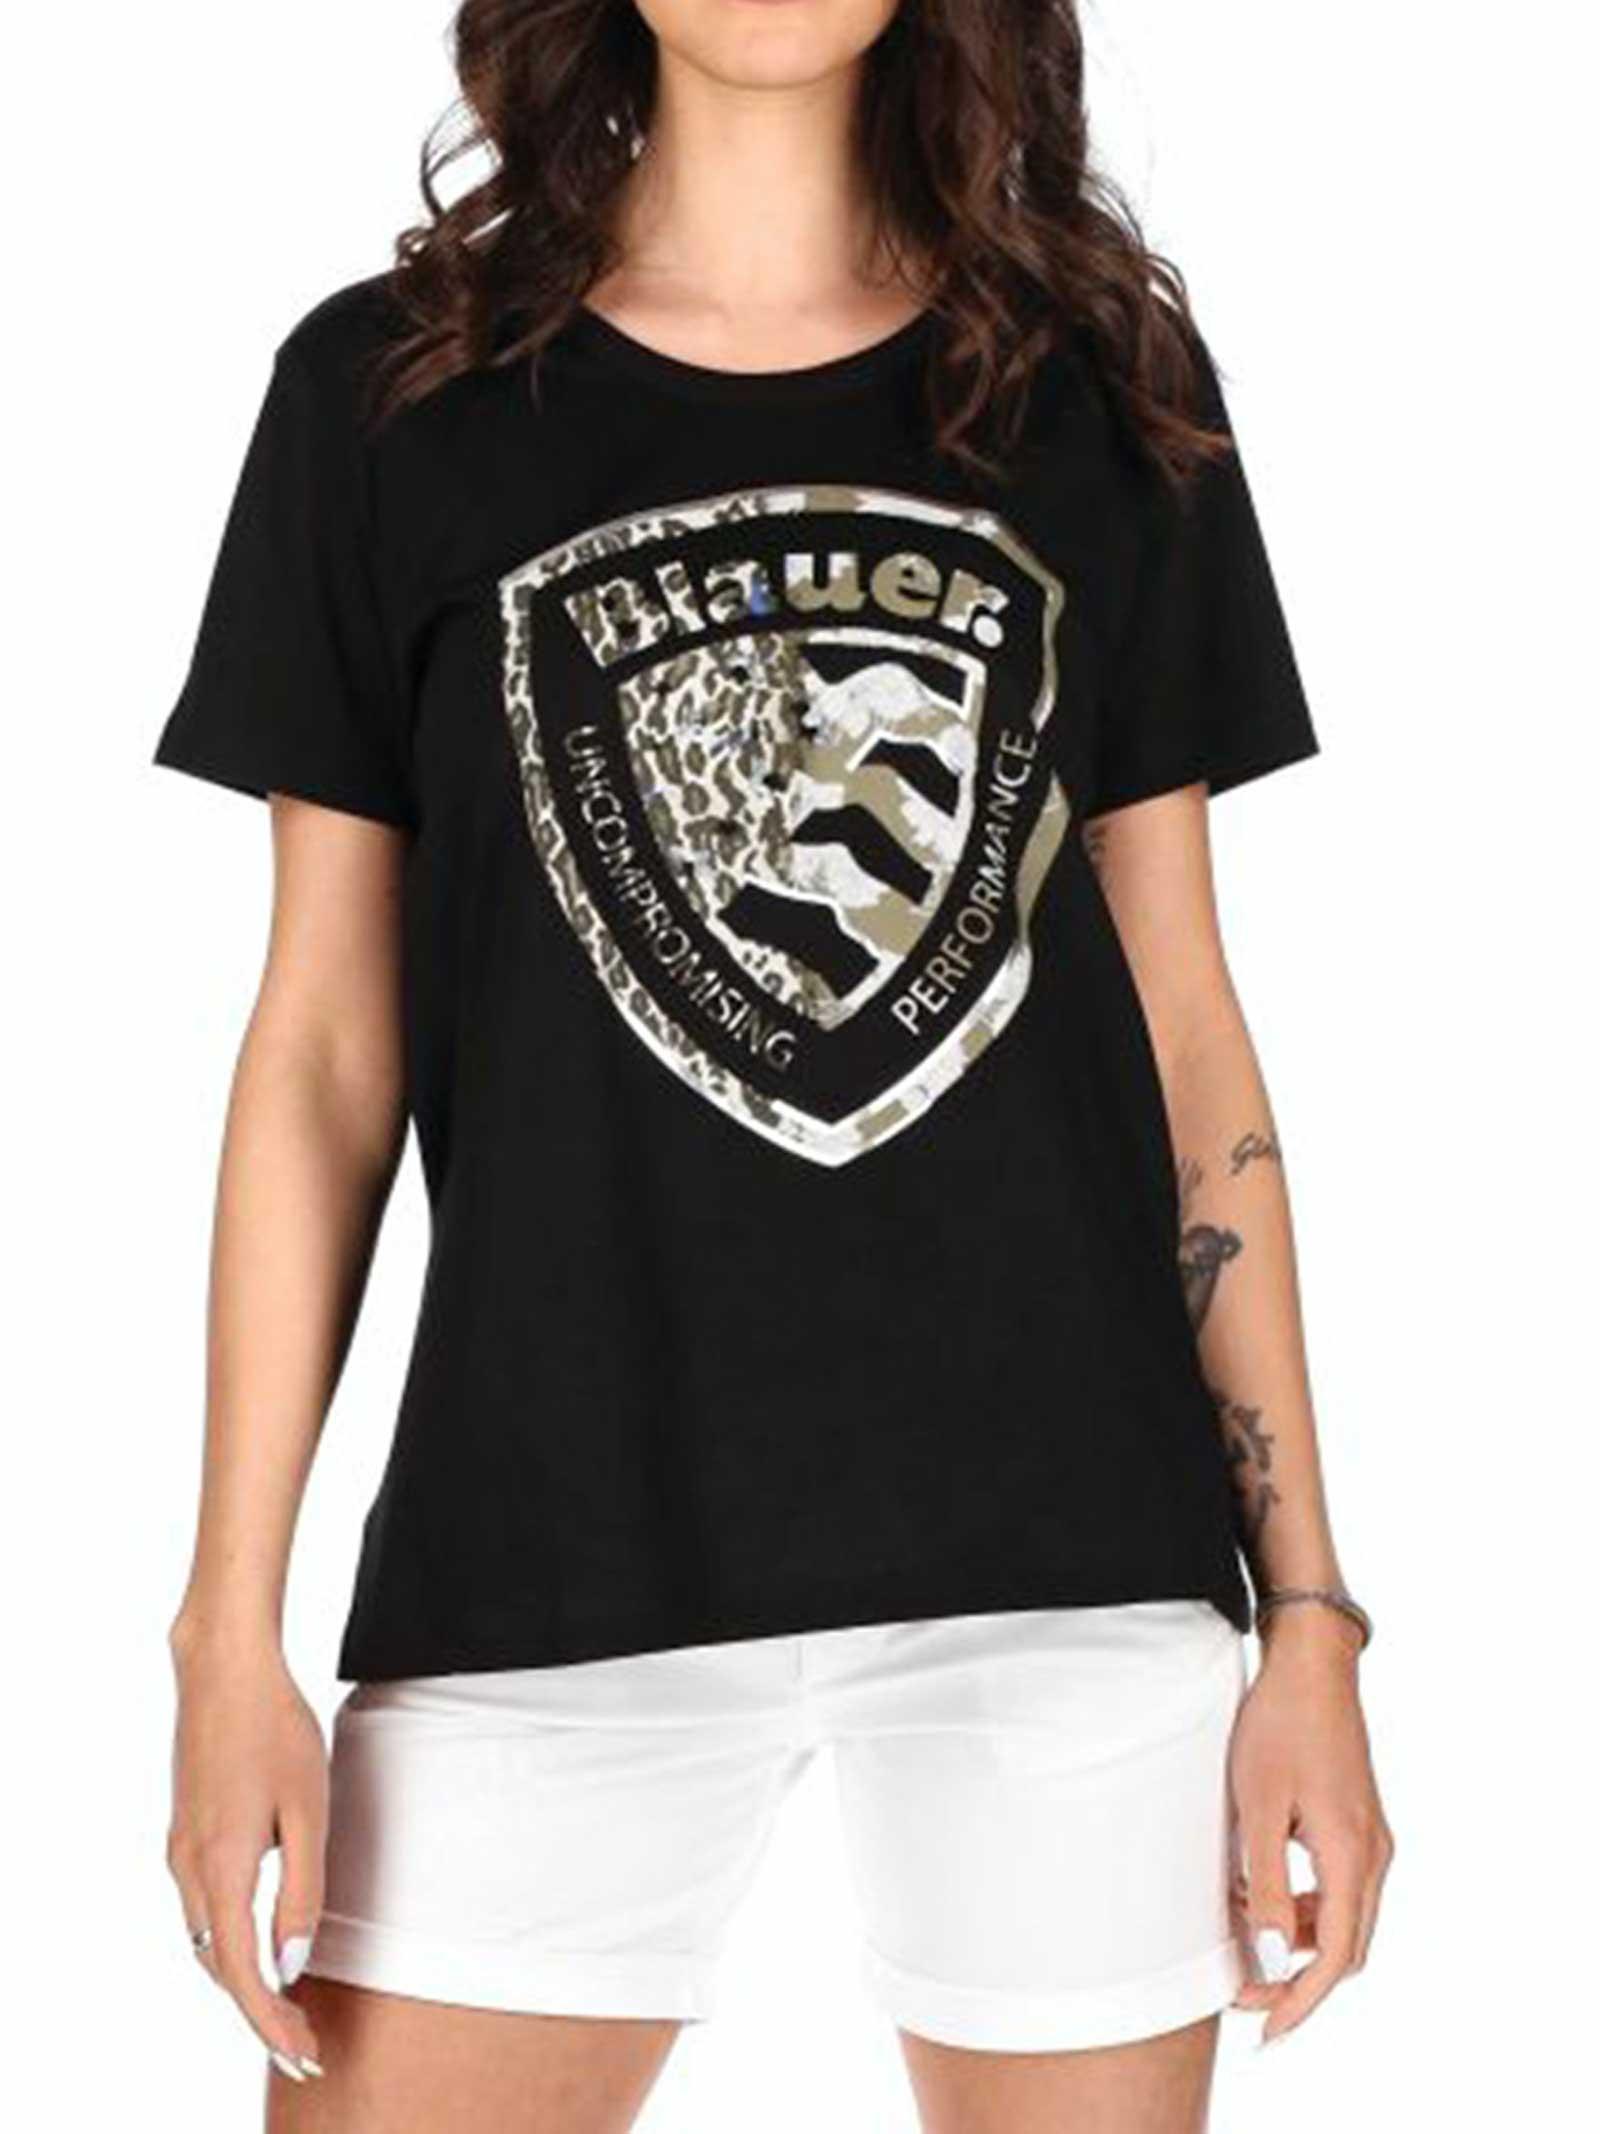 T-SHIRT BLAUER BLAUER   T-shirt   21SBLDH02138-004547999